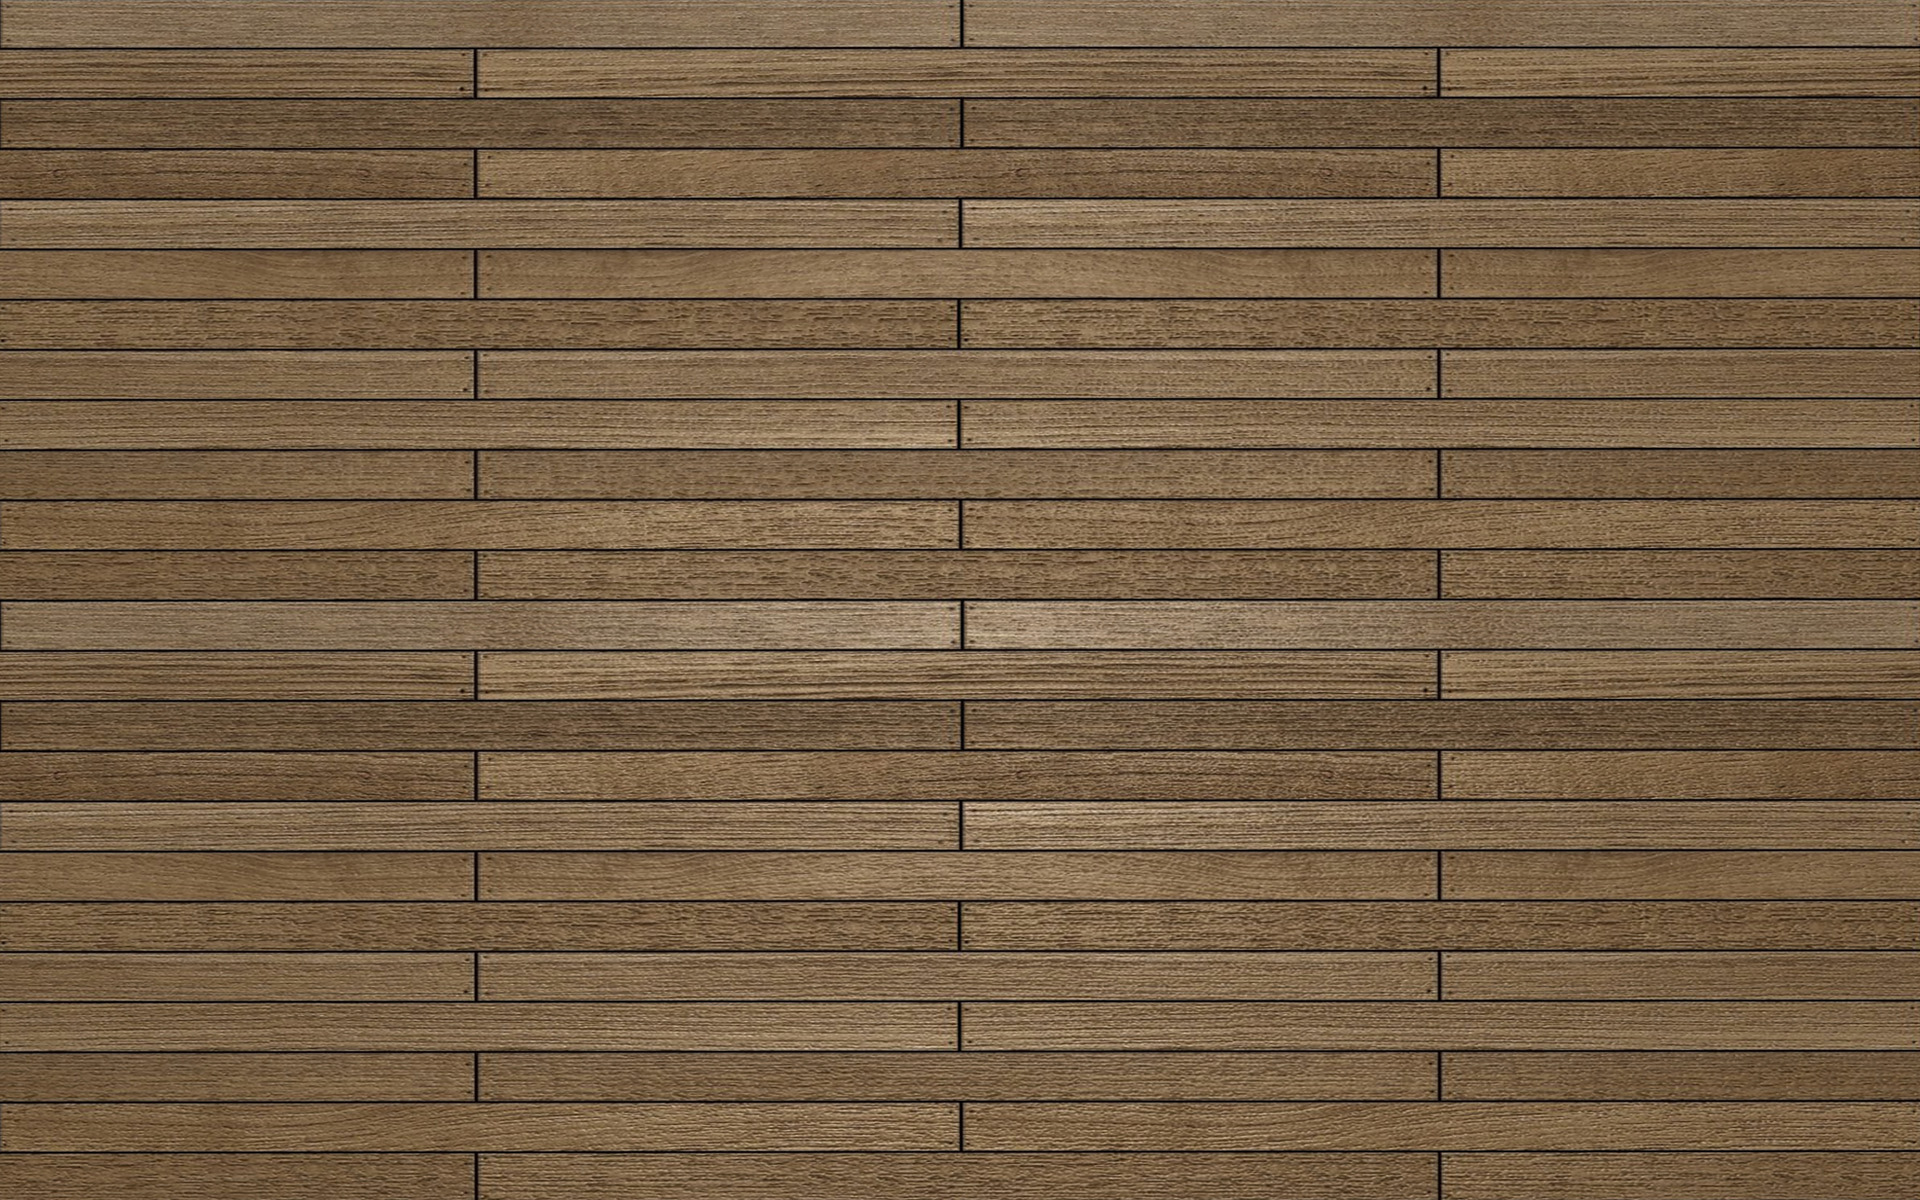 Delightful Wood Floor Wallpaper WallpaperSafariWood Floor Background